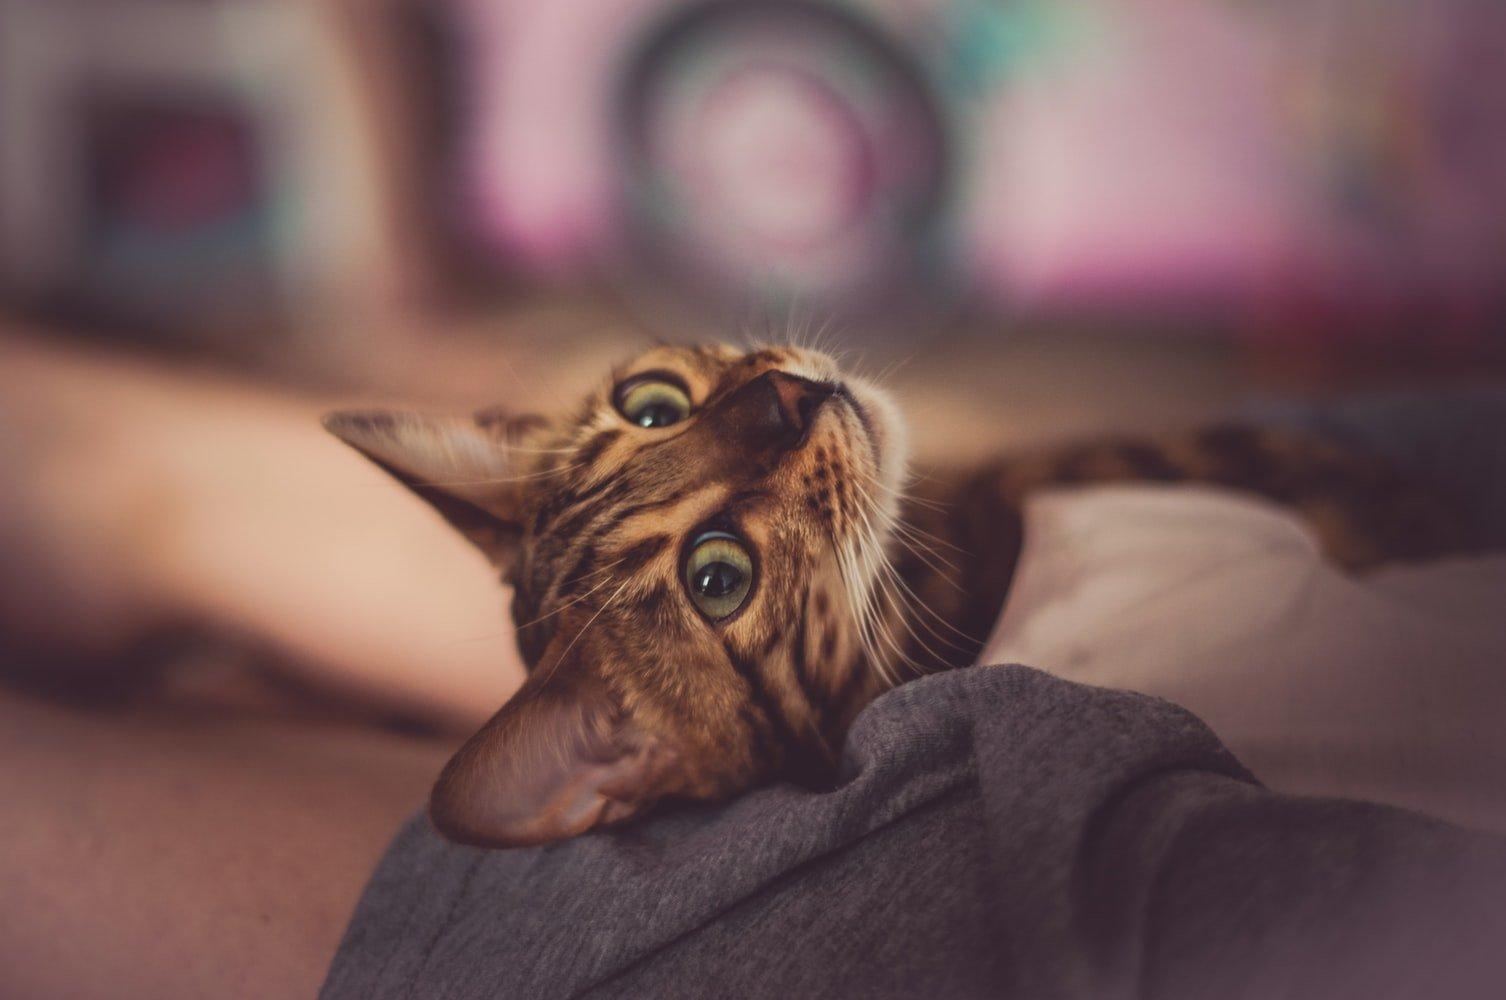 Cat Not Sleeping After Dental Surgery